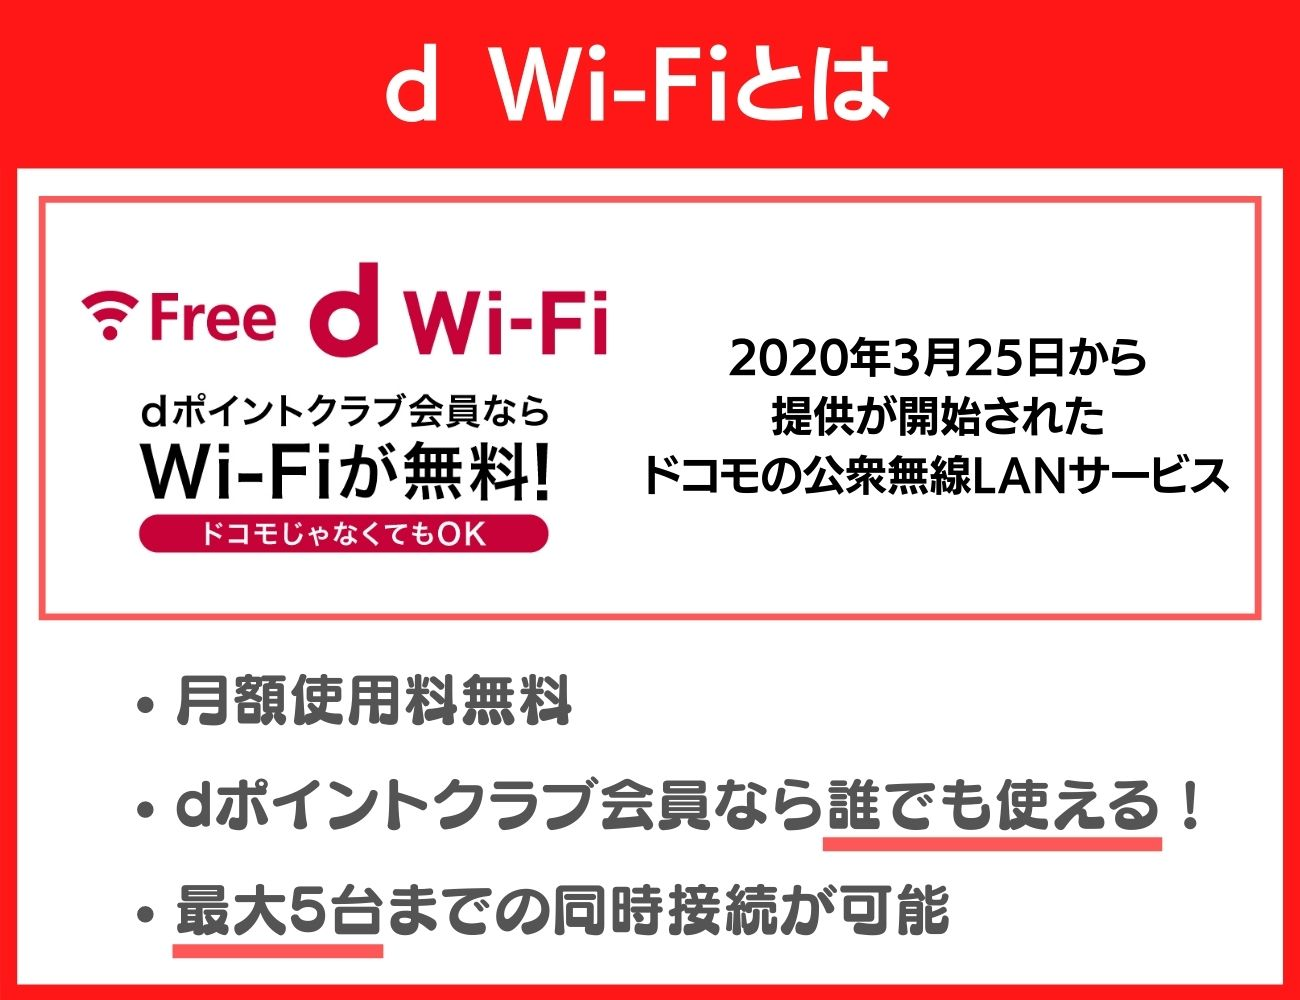 d Wi-Fiとは?